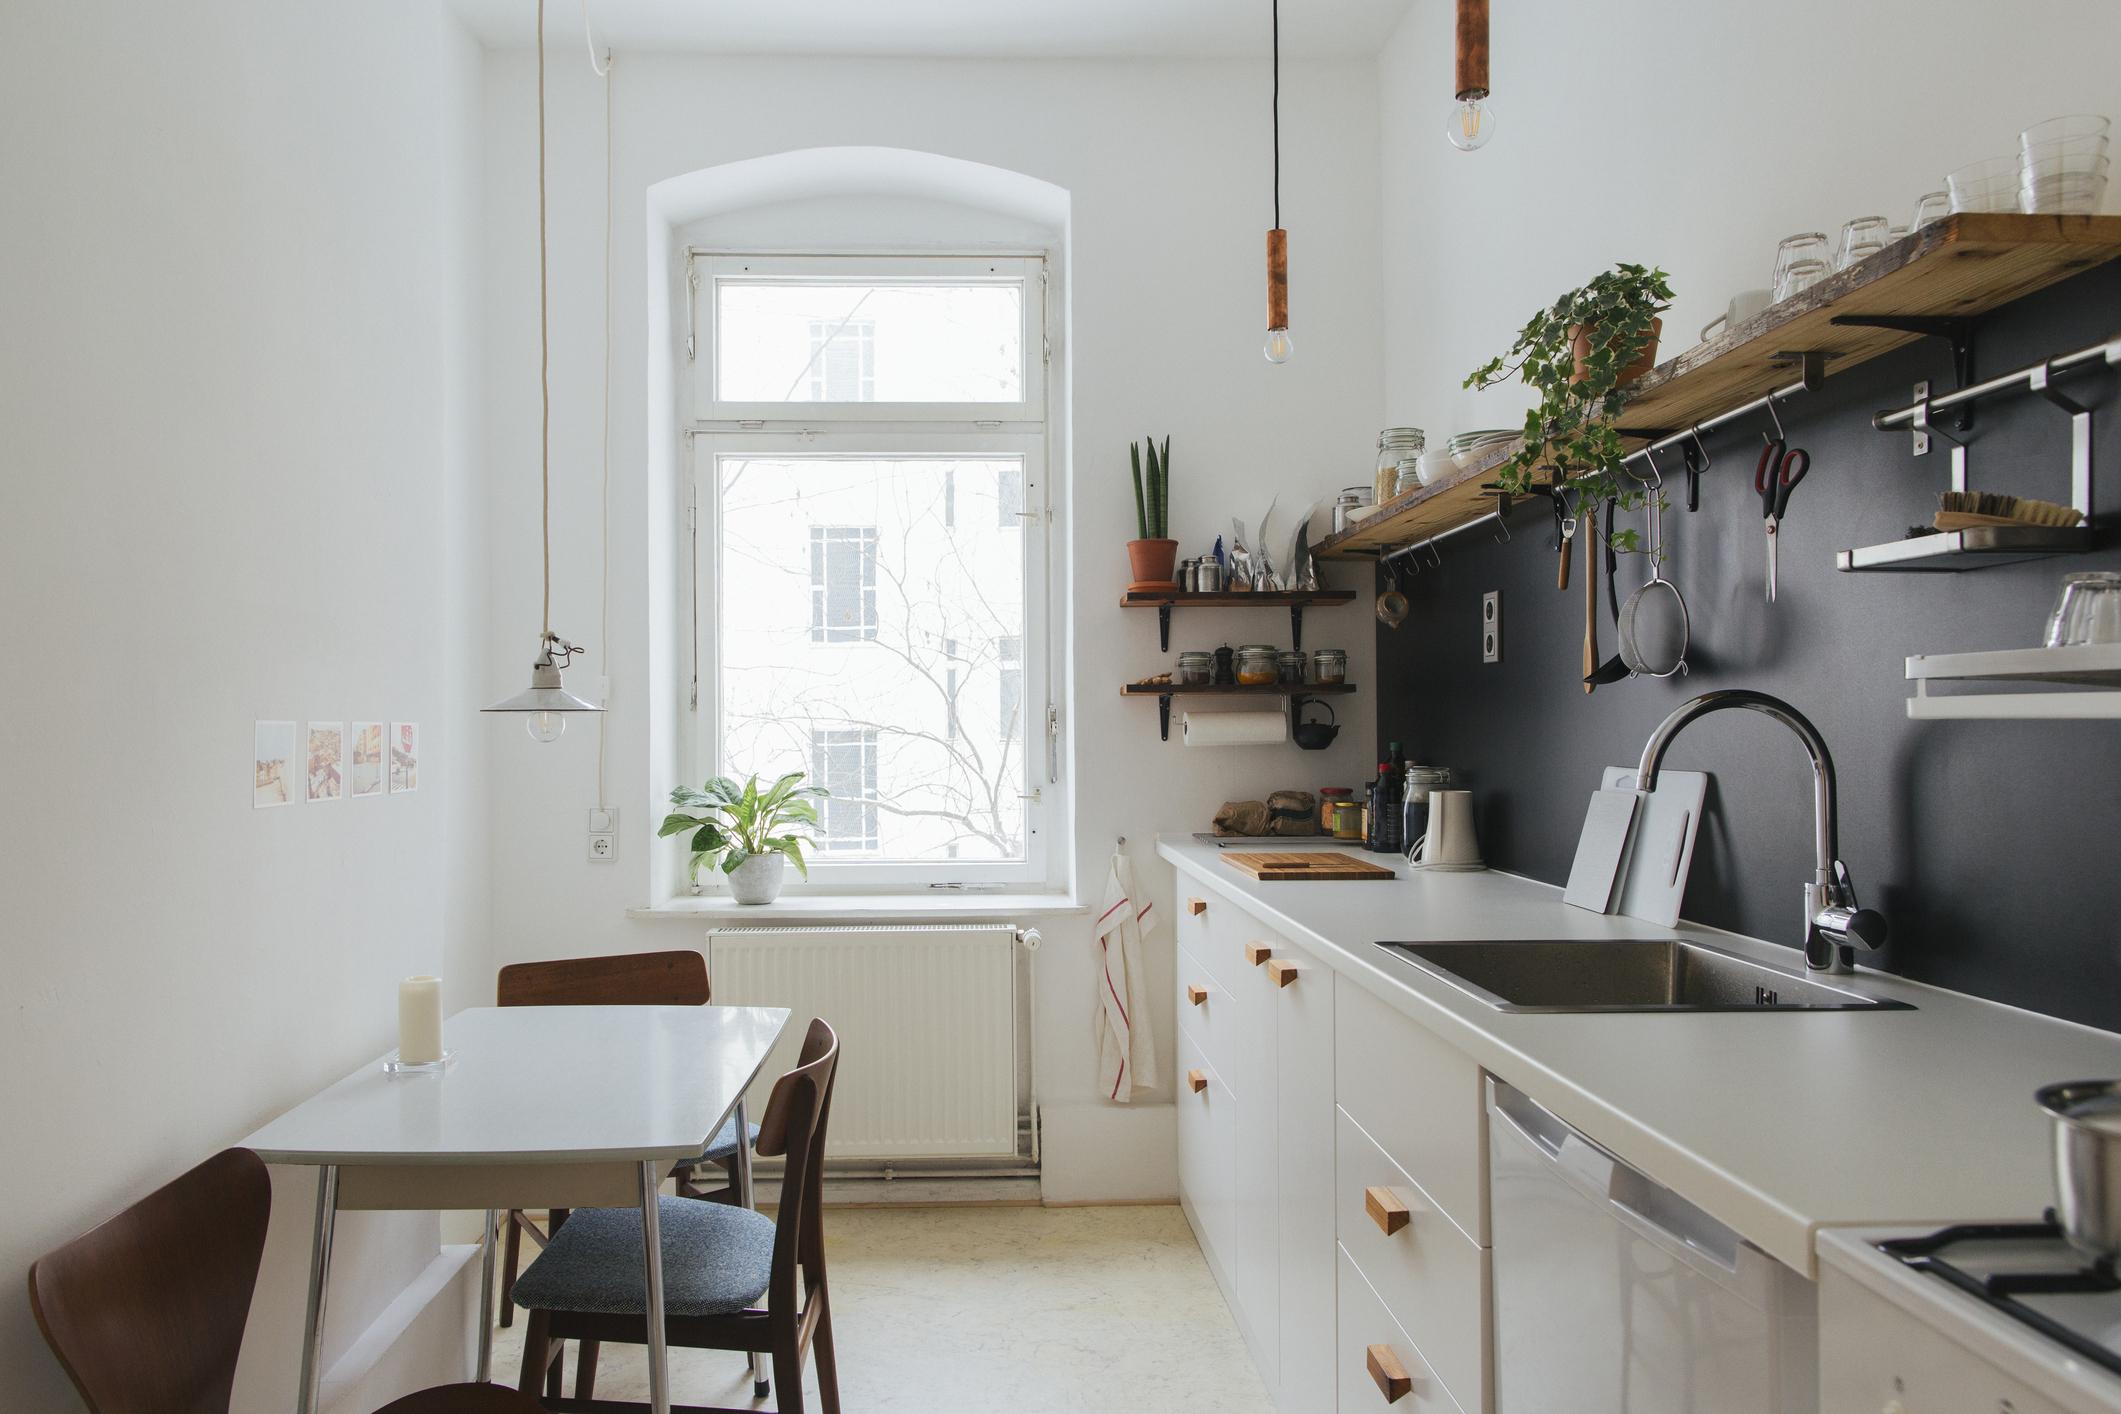 Rendere la casa pi bella in 10 mosse - Pomelli per cucina ...